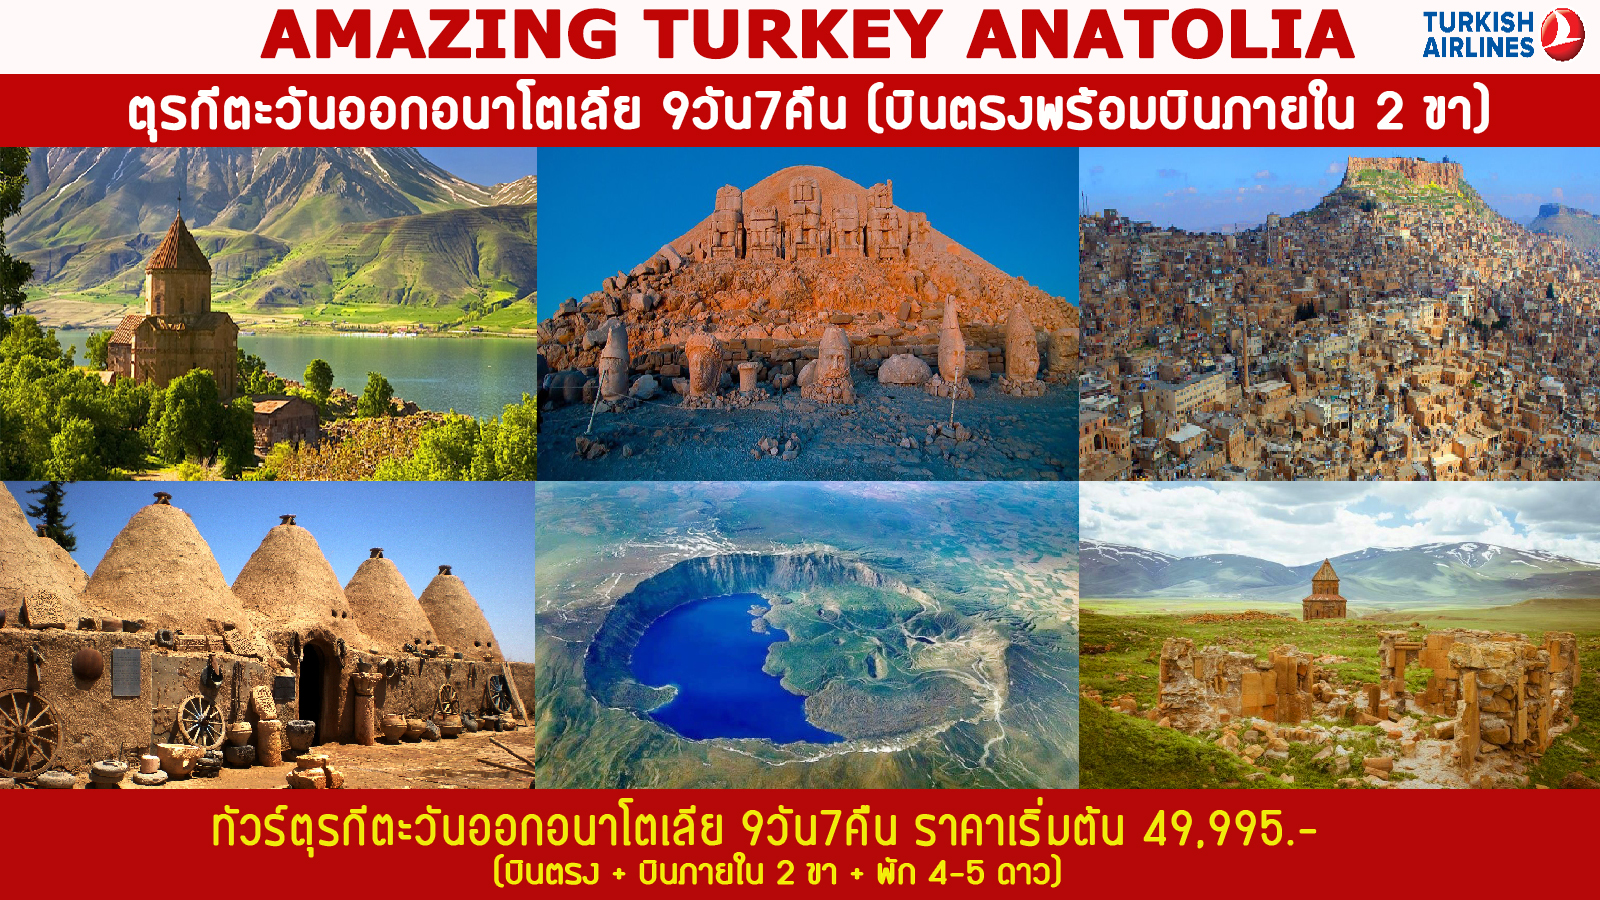 ทัวร์ตรุกี-AMZAING-TURKEY-ANATOLIA-9D7N-(MAR-NOV20)